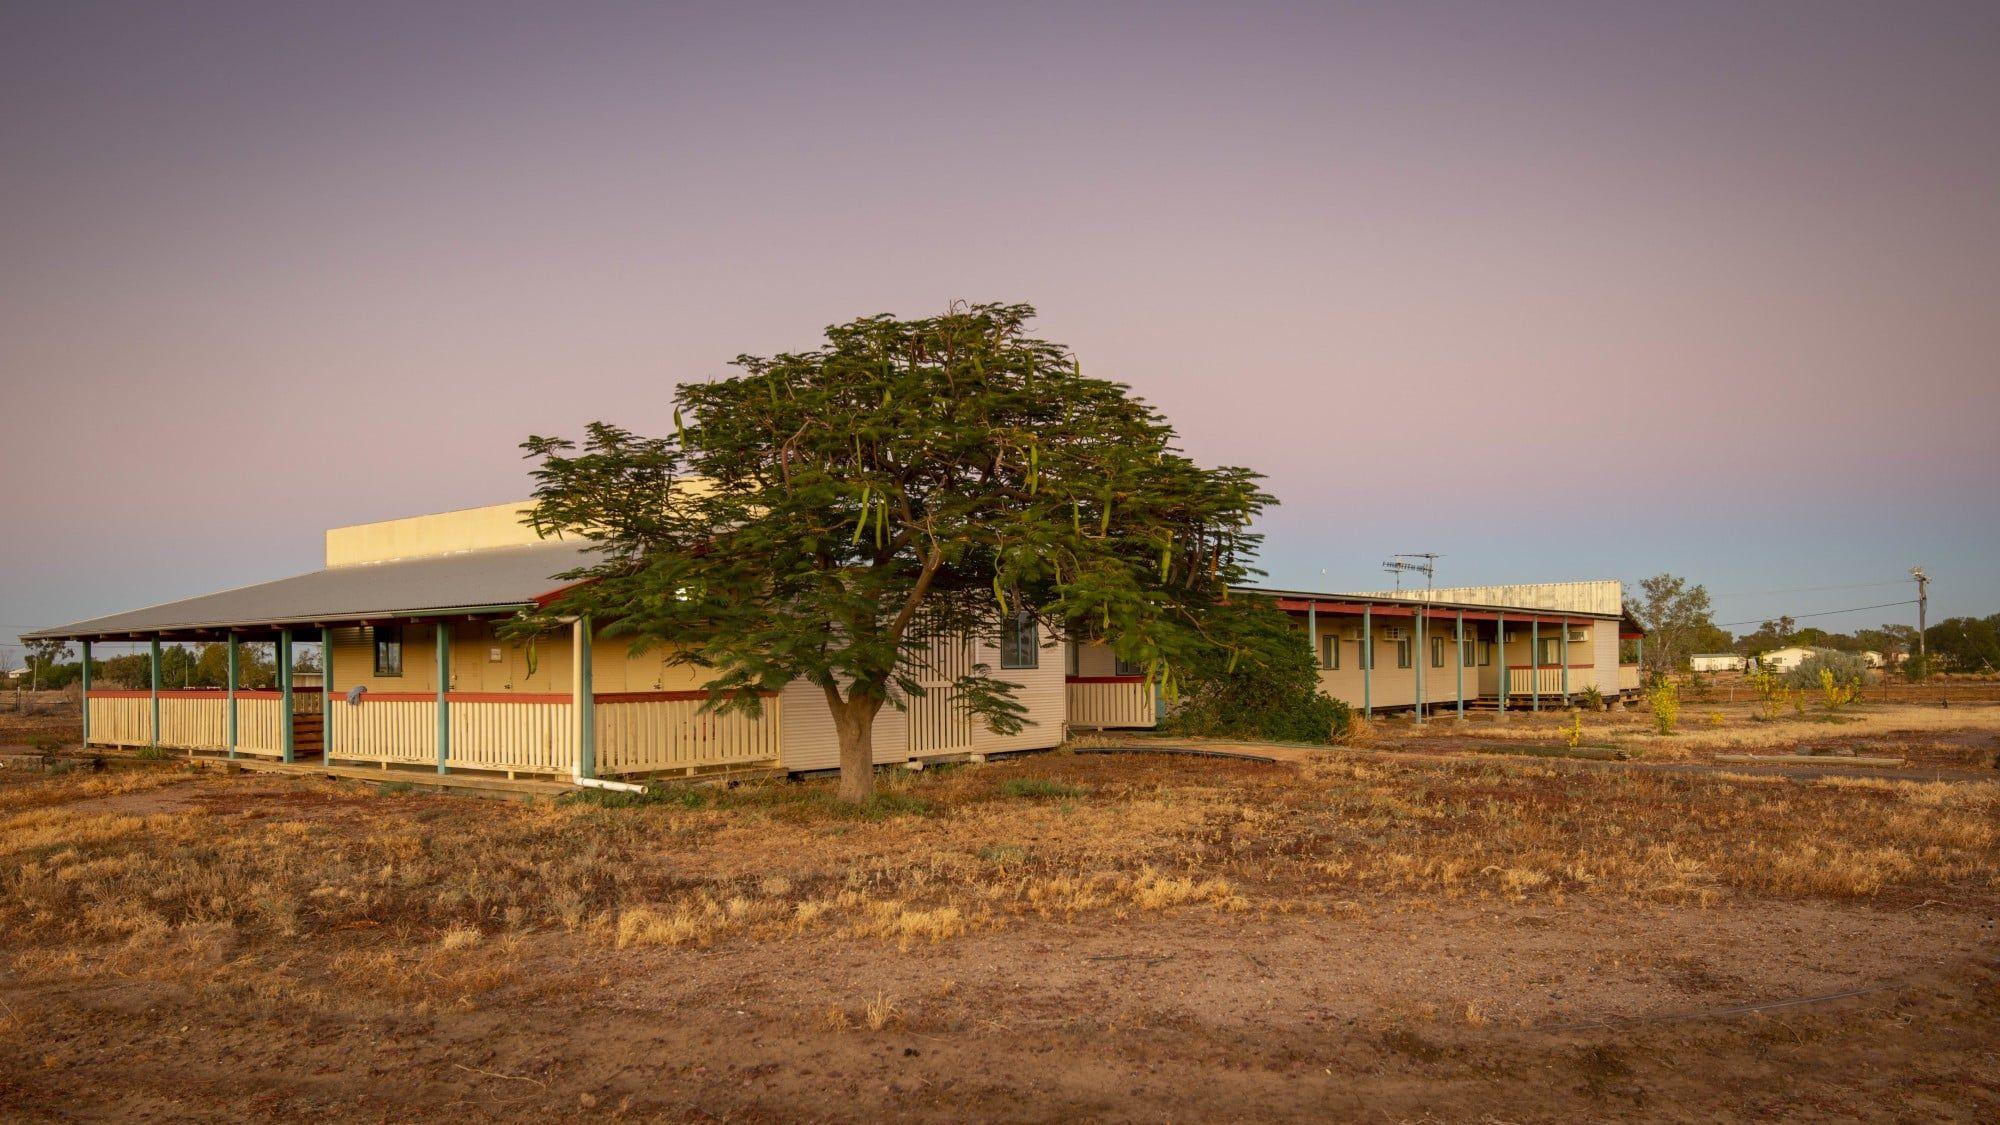 stork-rd-motel-facilities (2)